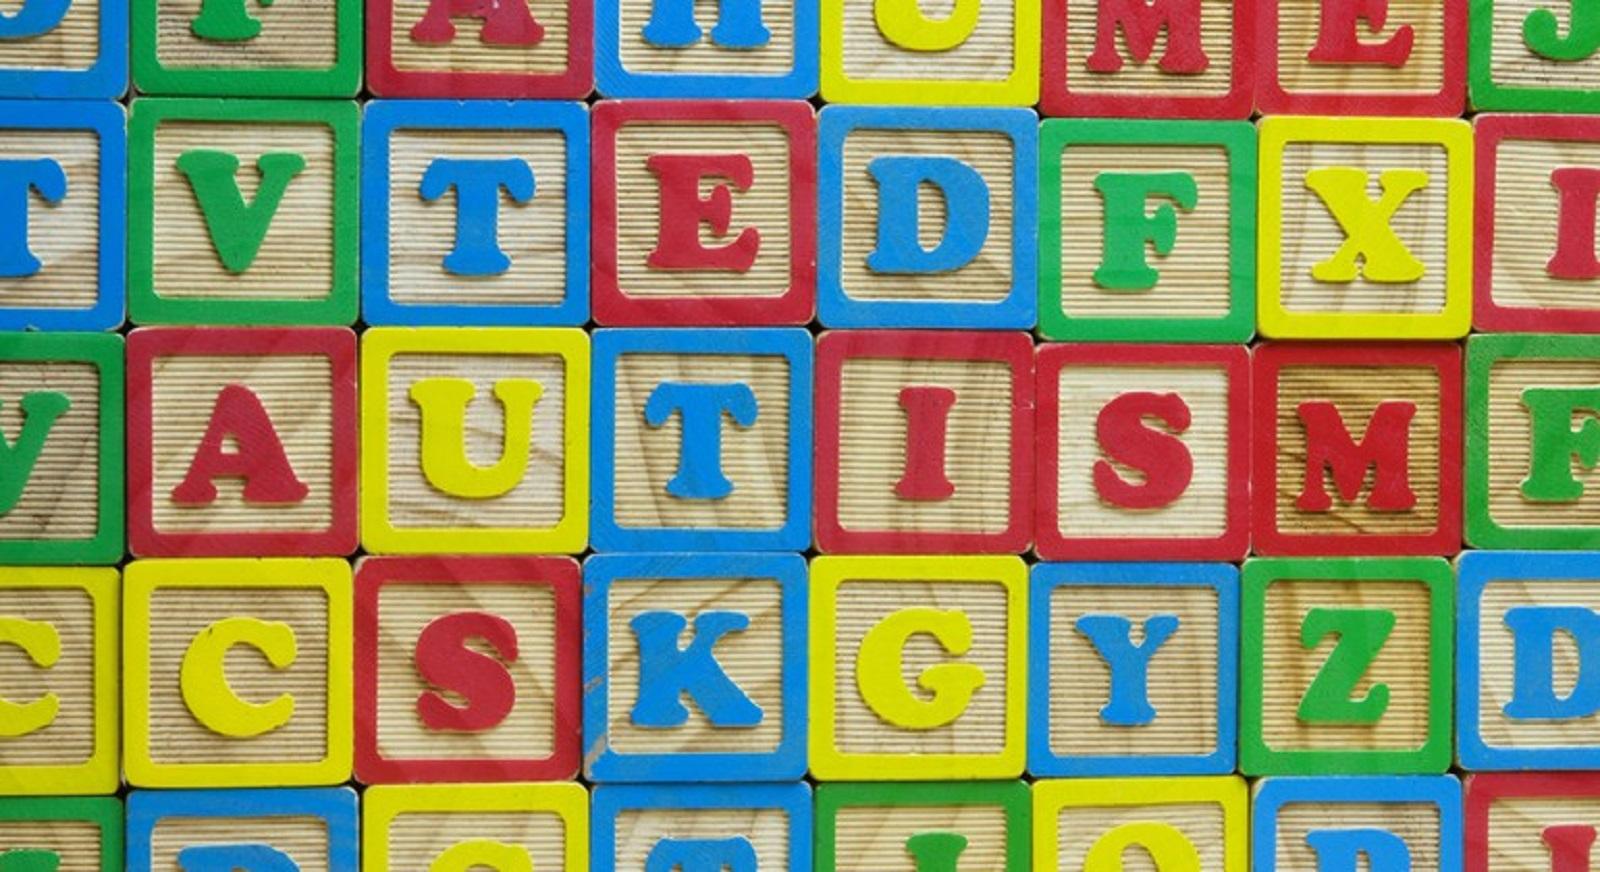 Τα βασικότερα επιστημονικά δεδομένα για τον Αυτισμό